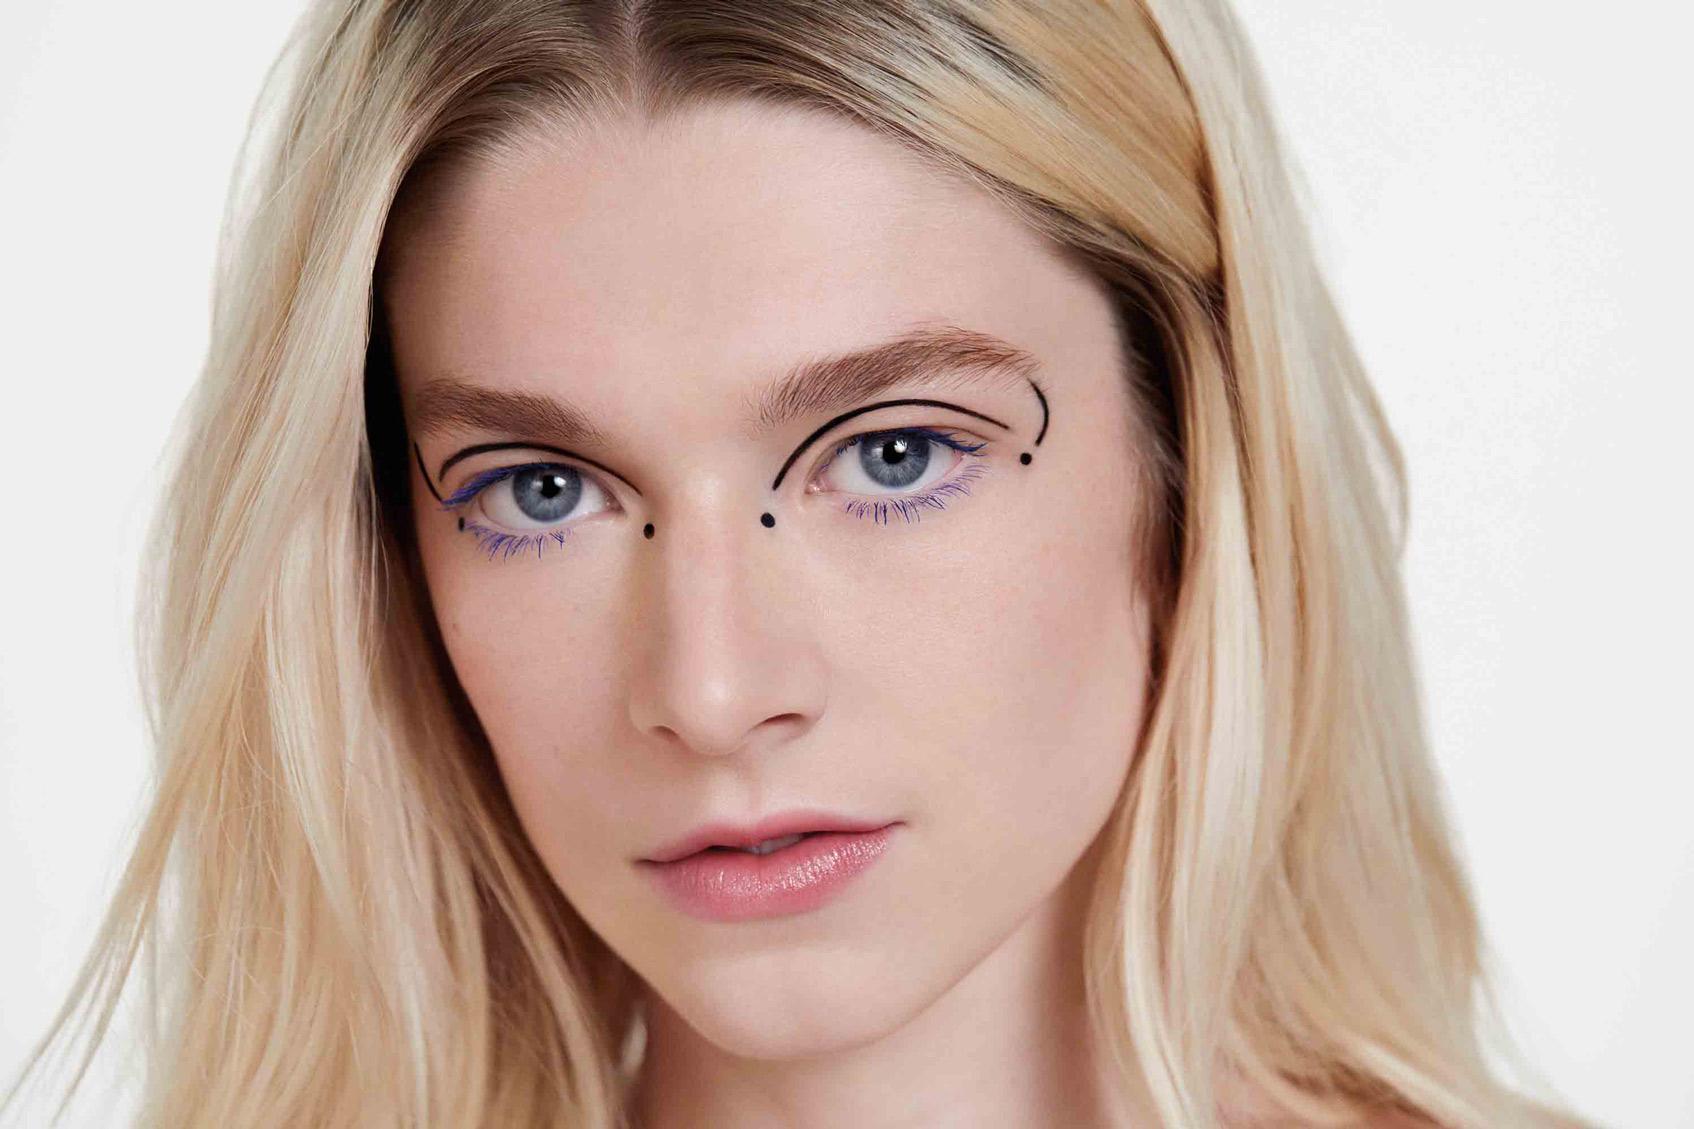 Хантер Шафер стала новым амбассадором shiseido